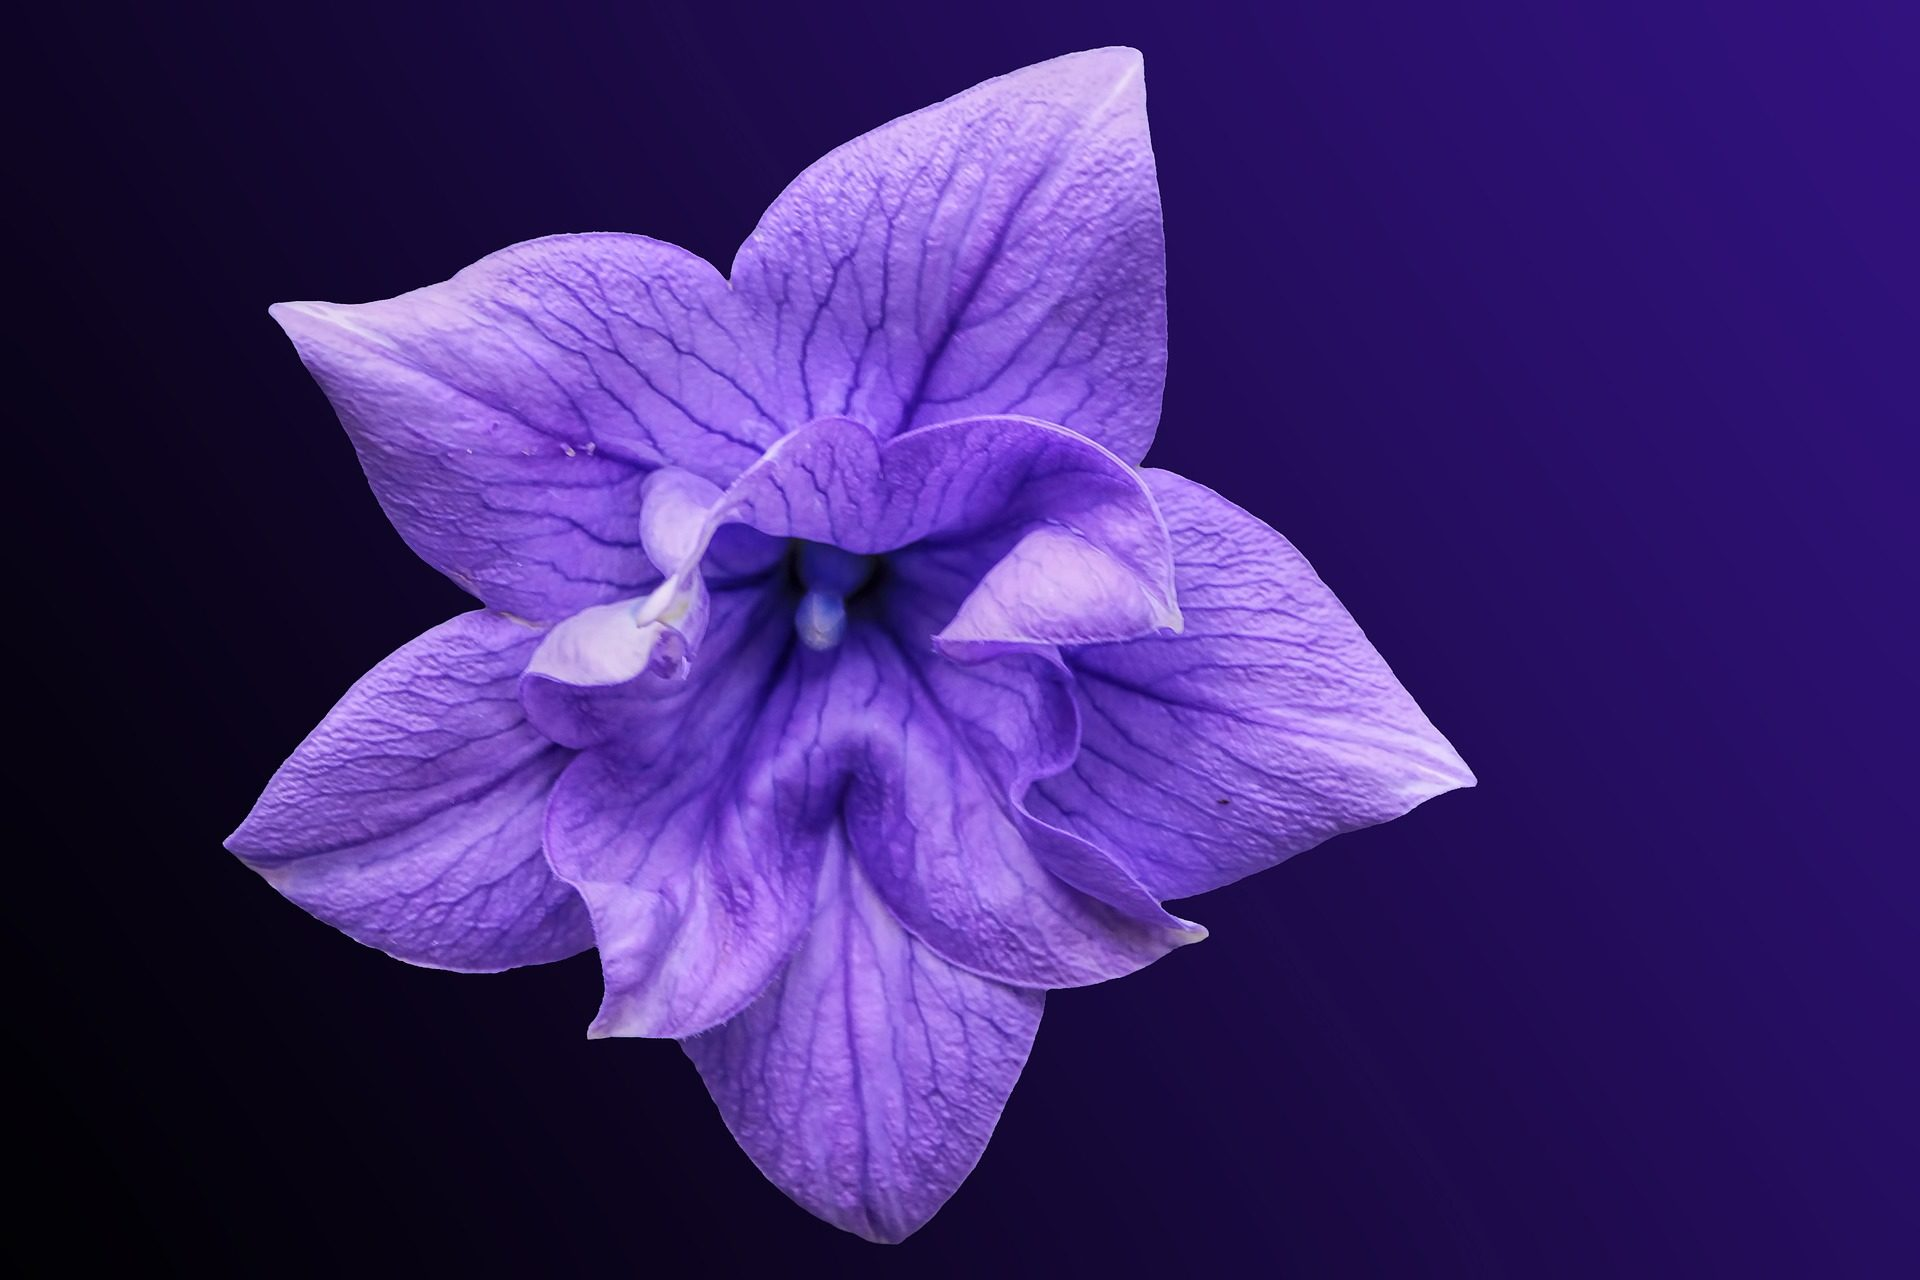 花, morada, 花びら, ベル, ブルーム, pu�紫��イオレット - HD の壁紙 - 教授-falken.com